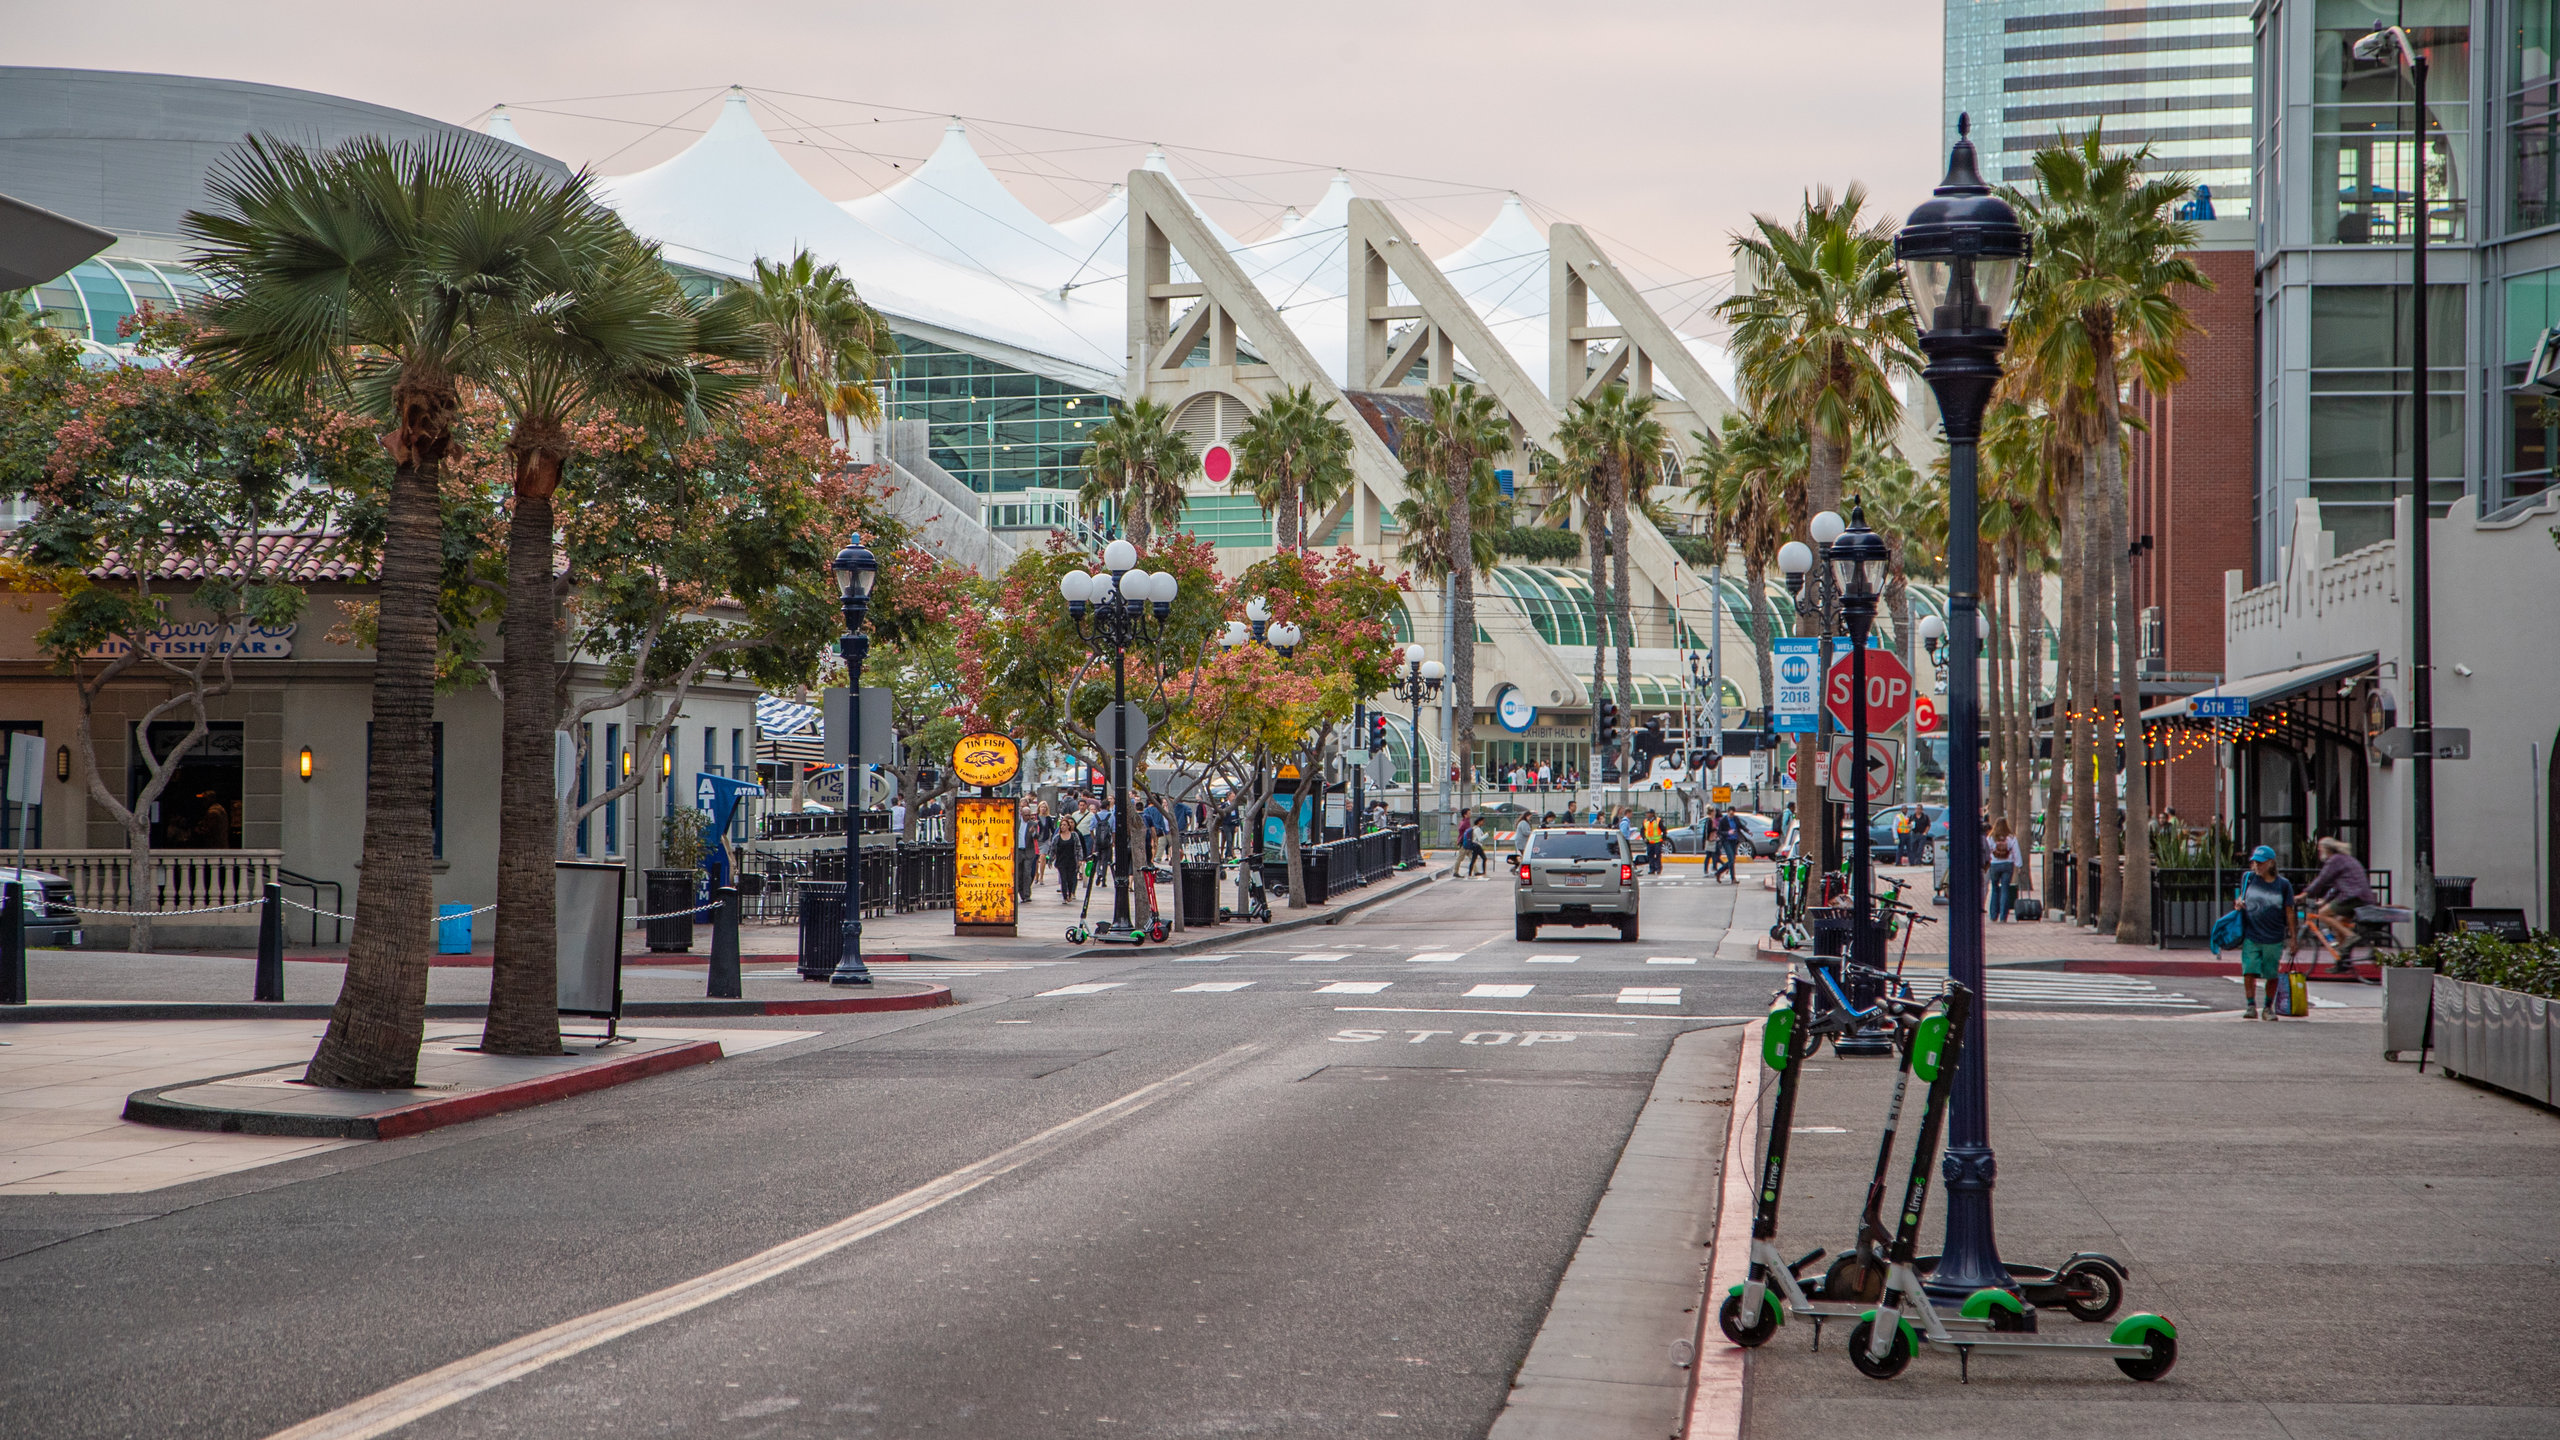 Veja os principais eventos em Centro de Convenções durante a sua viagem a San Diego. Reserve um pouco de tempo para visitar o famoso zoológico na área ou curta os seus ótimos restaurantes.